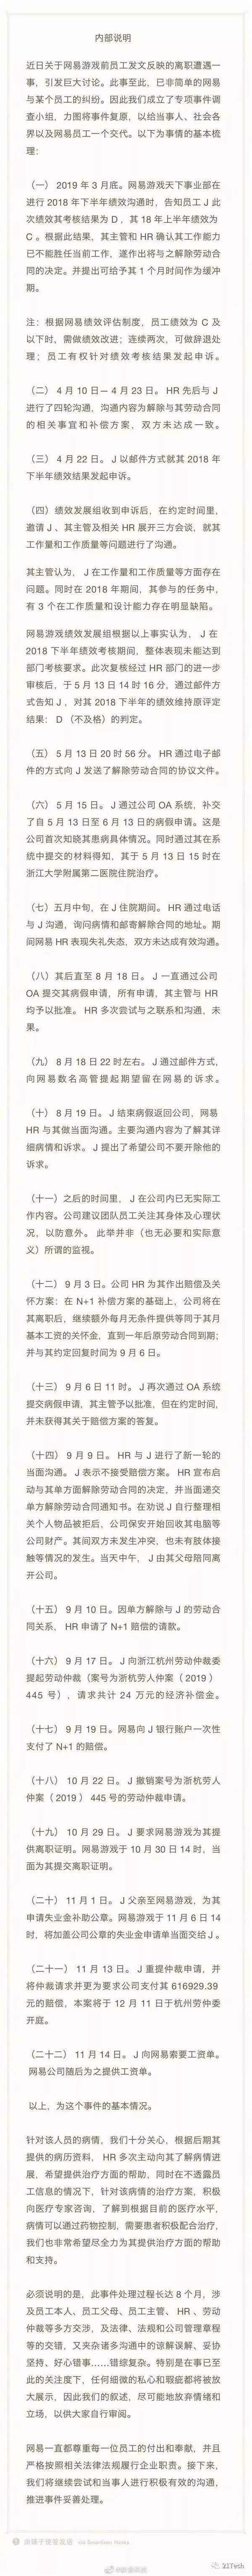 暴力裁人绝症员工 网易致歉并暴光更多细节!丁磊缄默沉静 刘强东不测刷屏  1 第10张